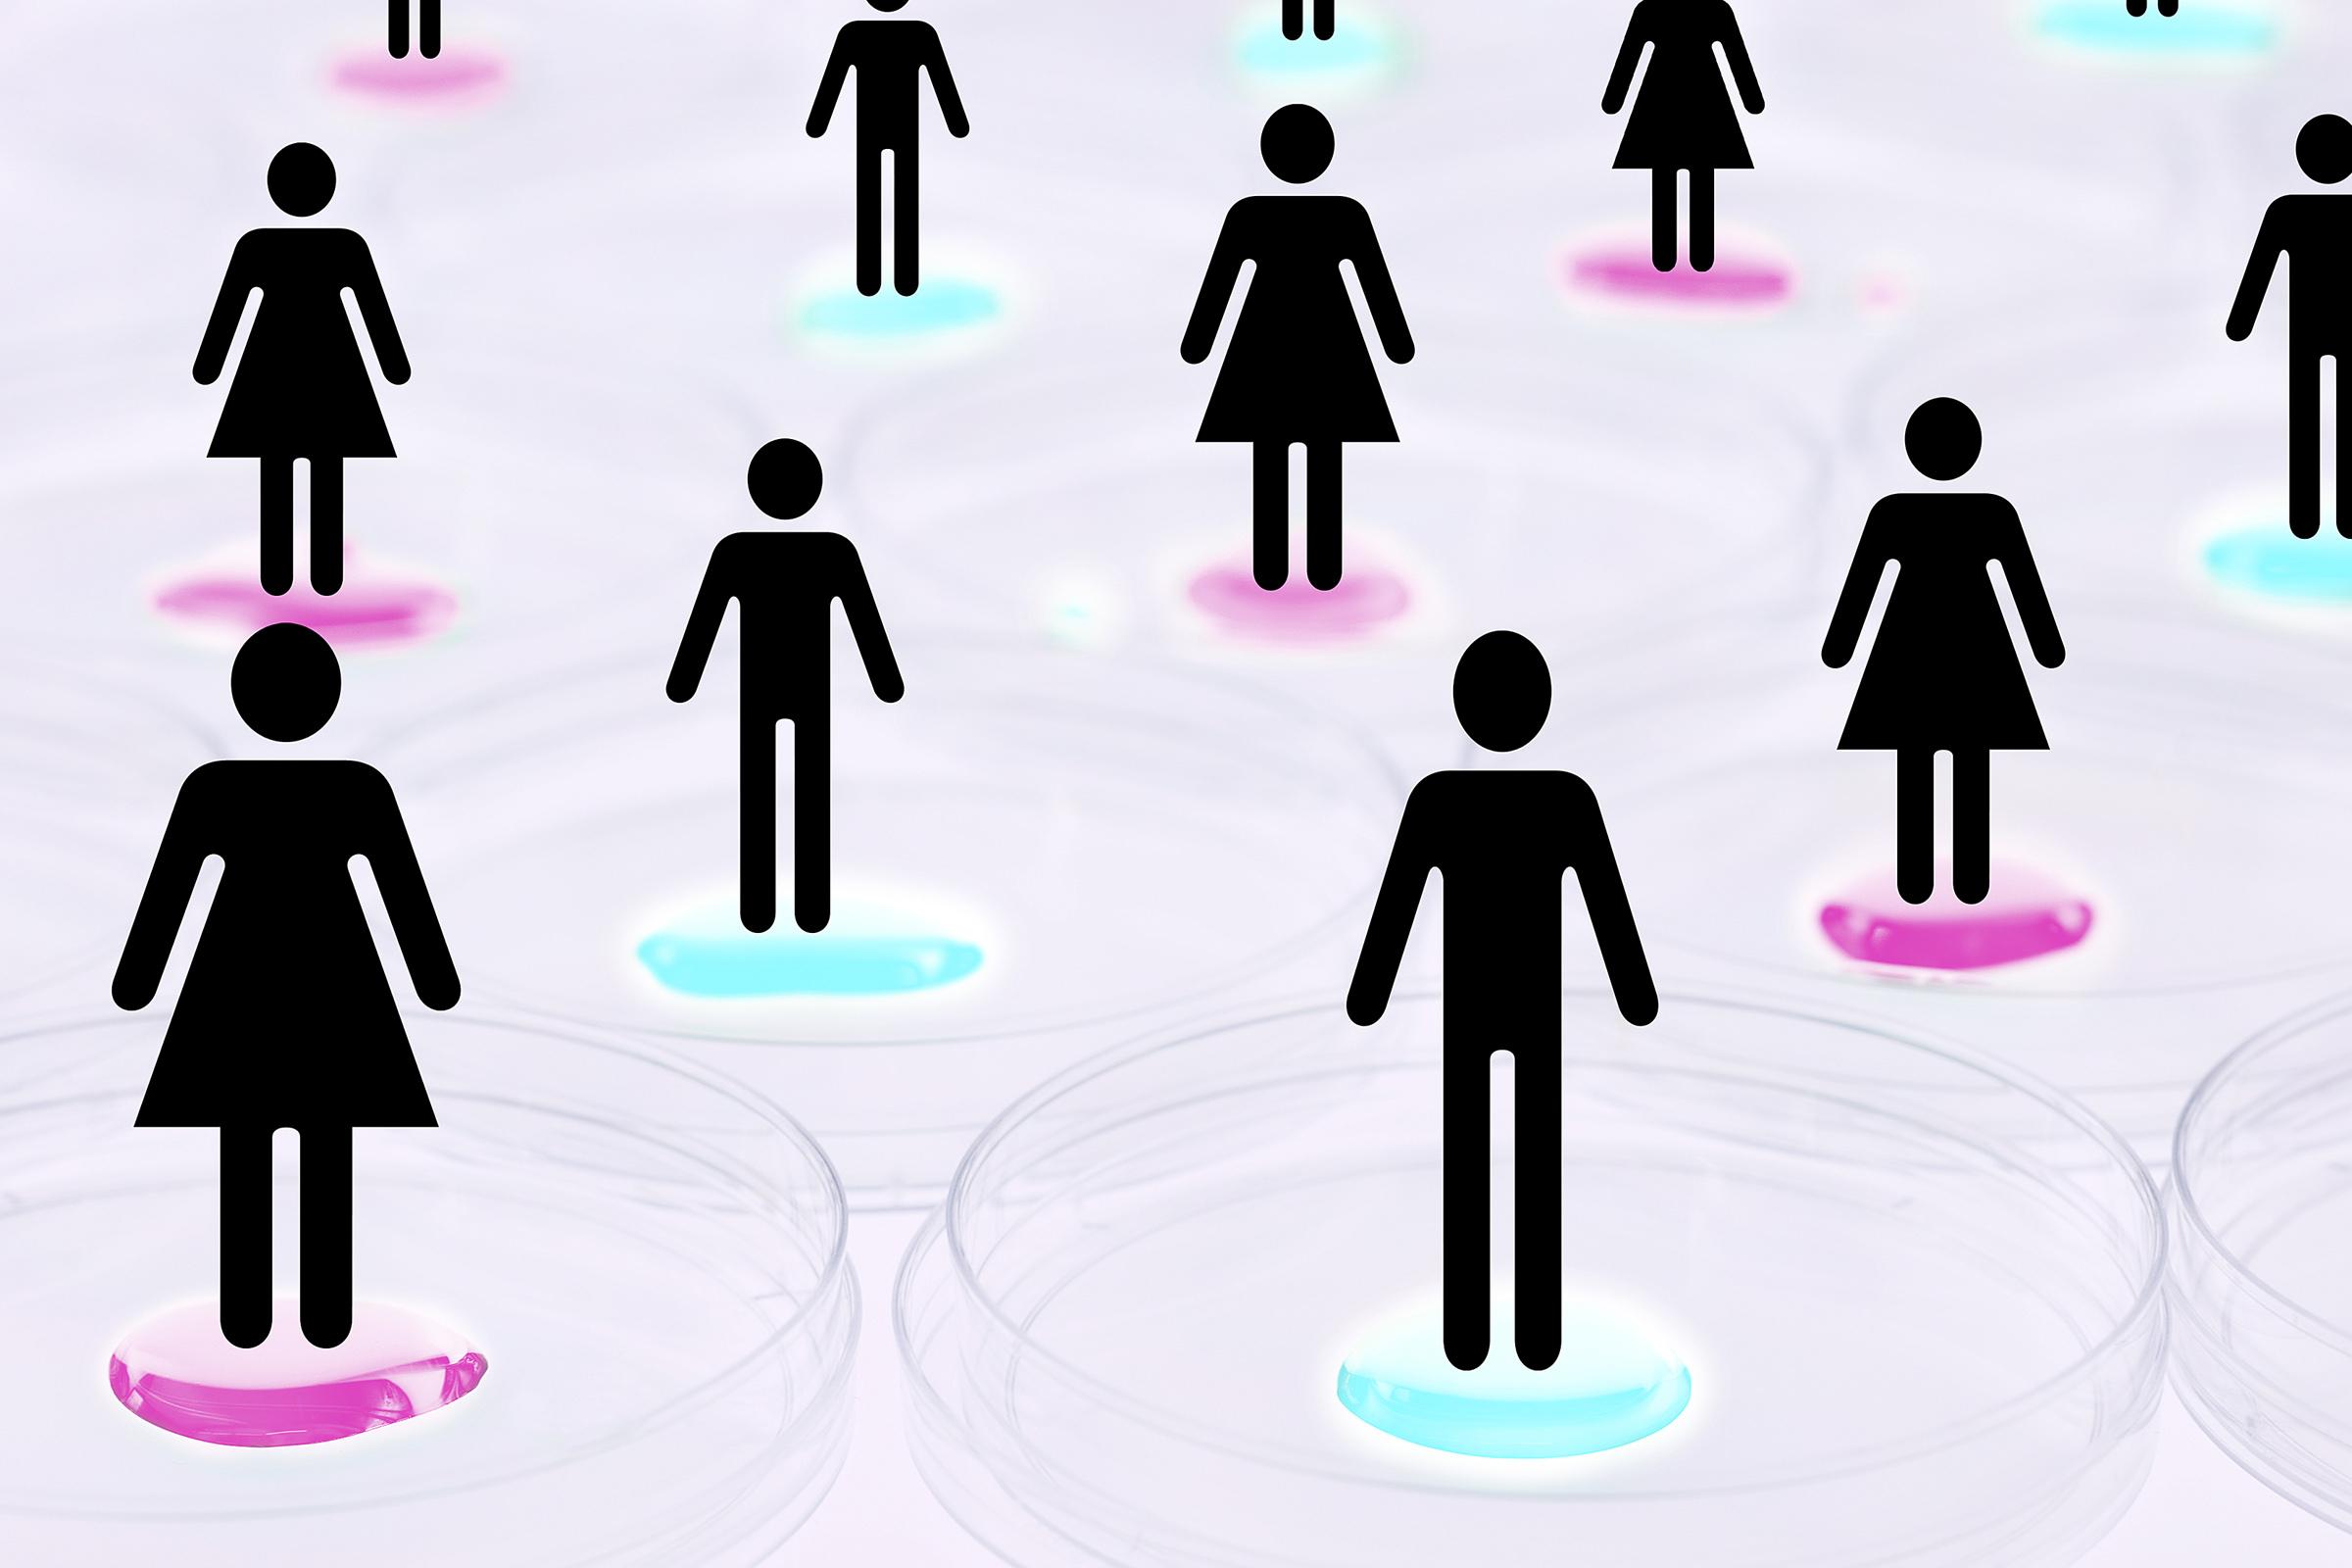 kønsroller og ligestilling blod efter samleje